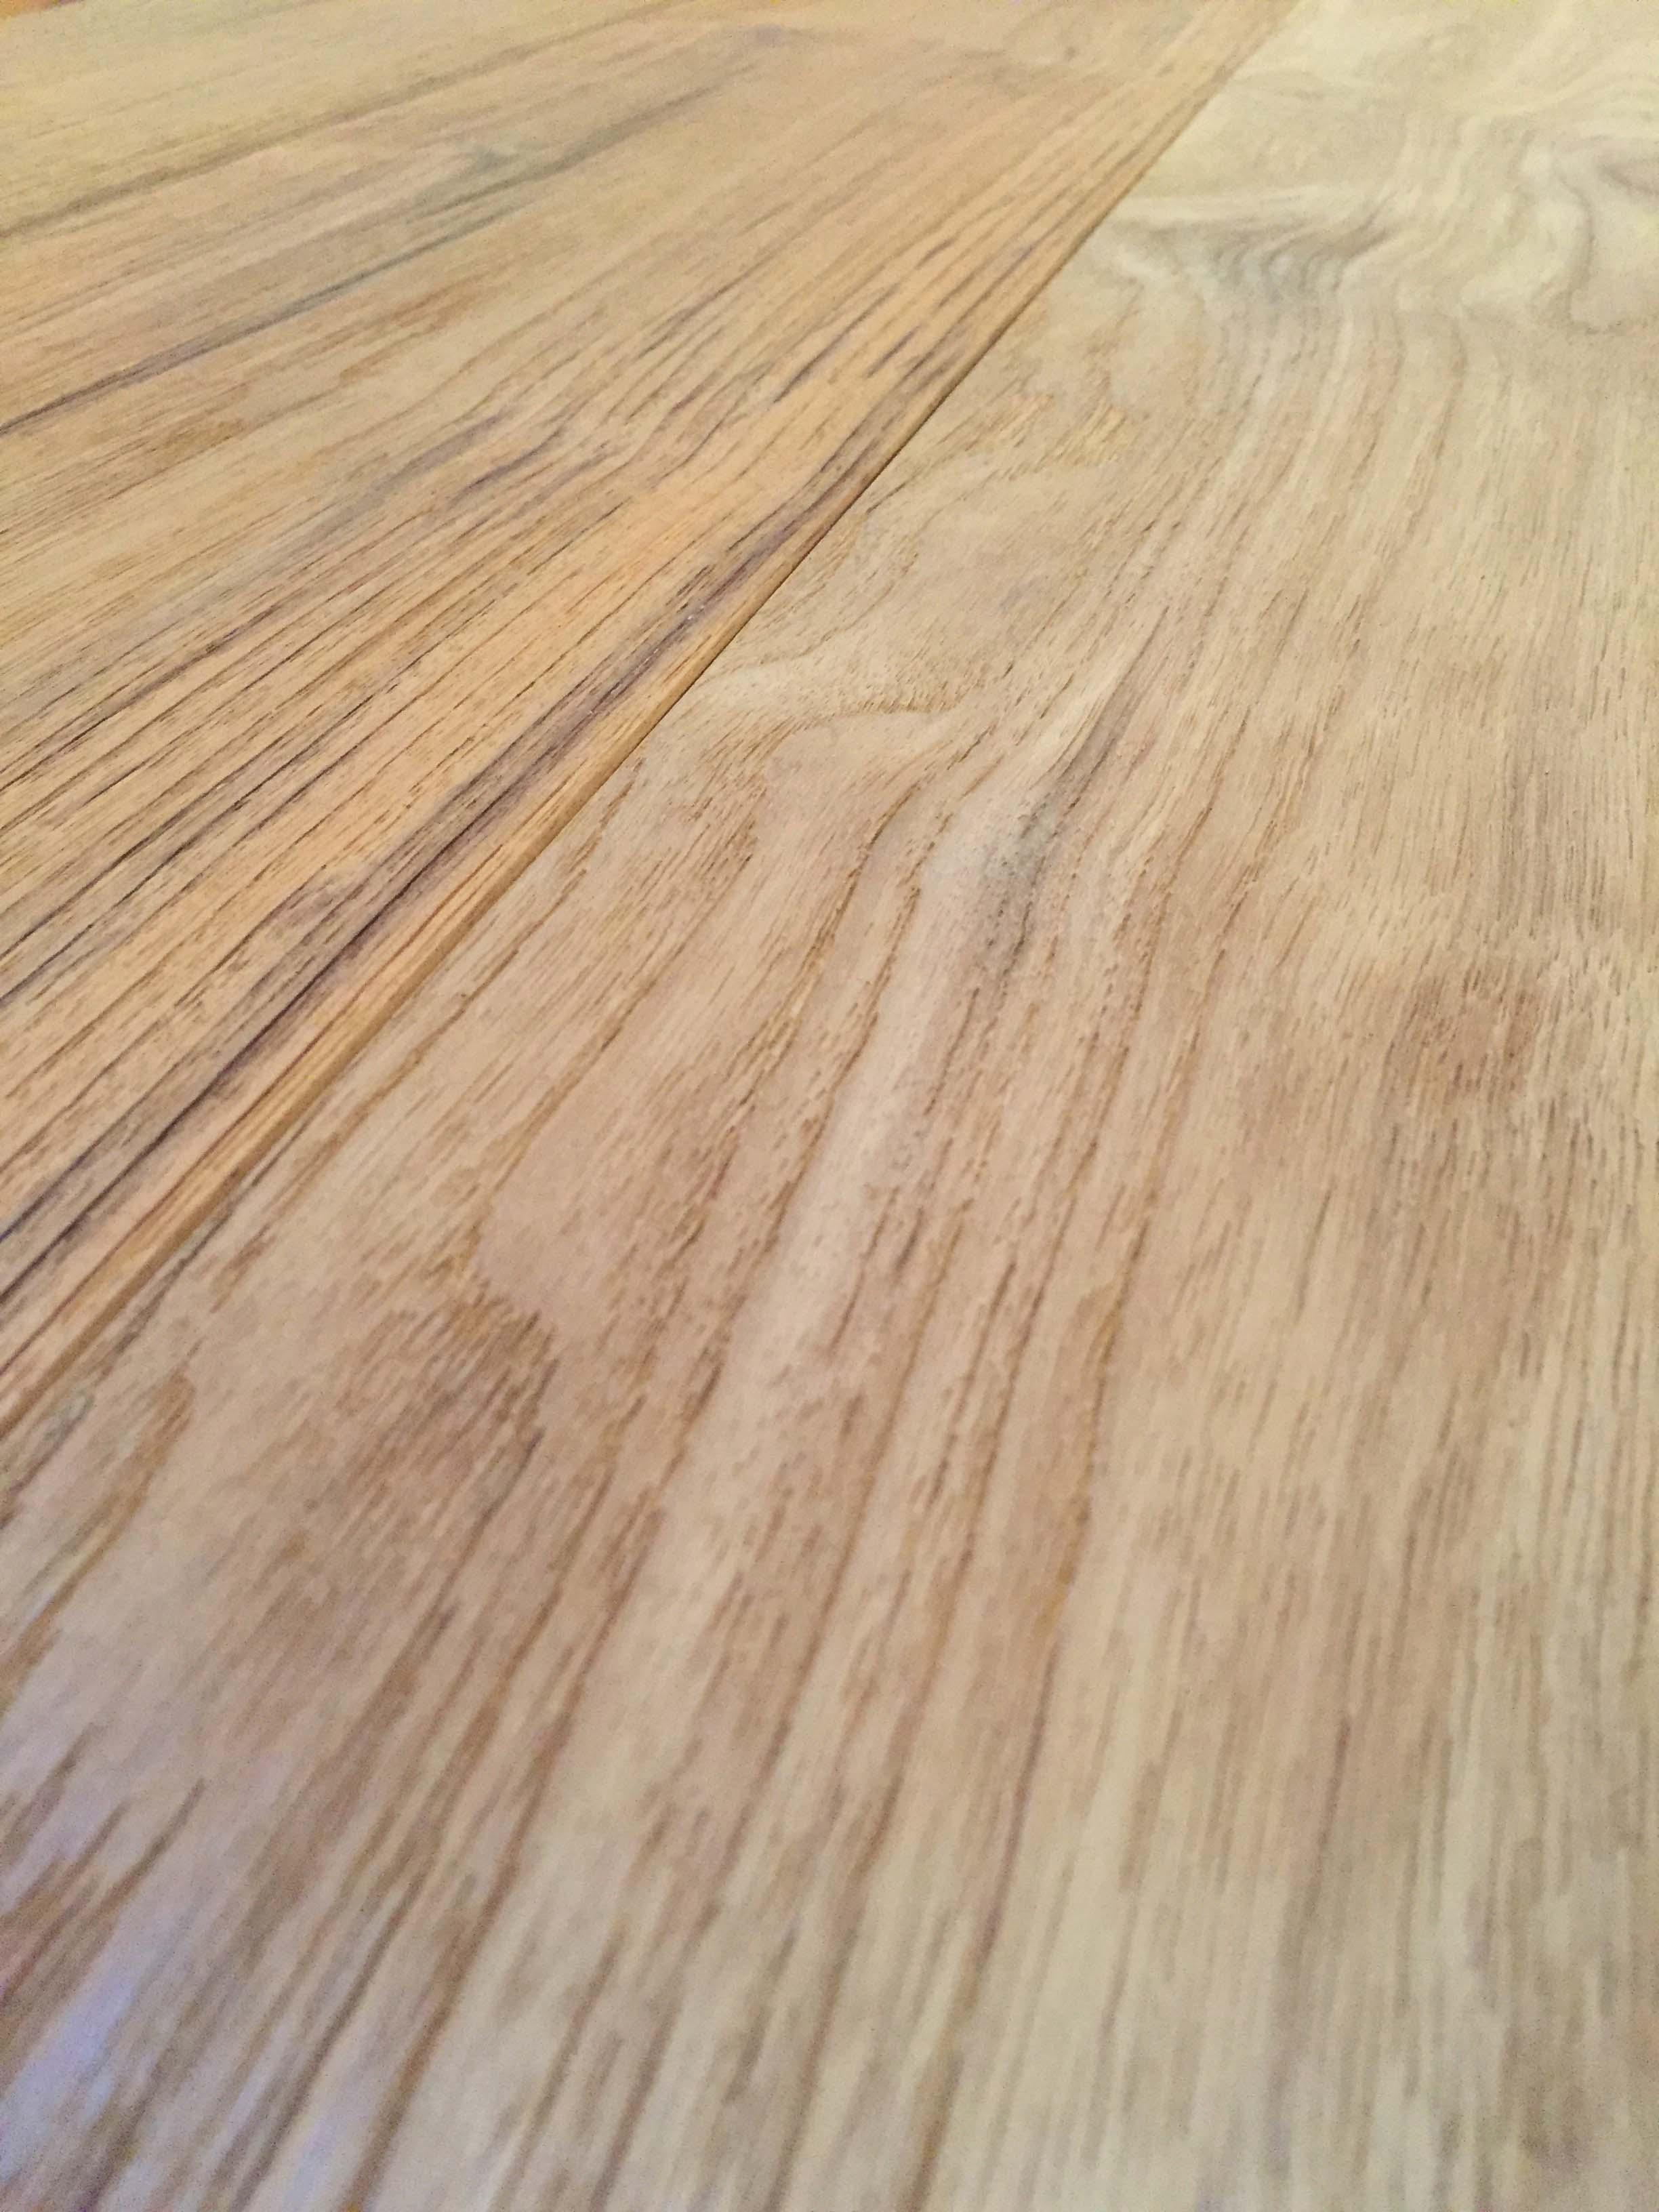 wire brushed detail - Reclaimed Teak Flooring